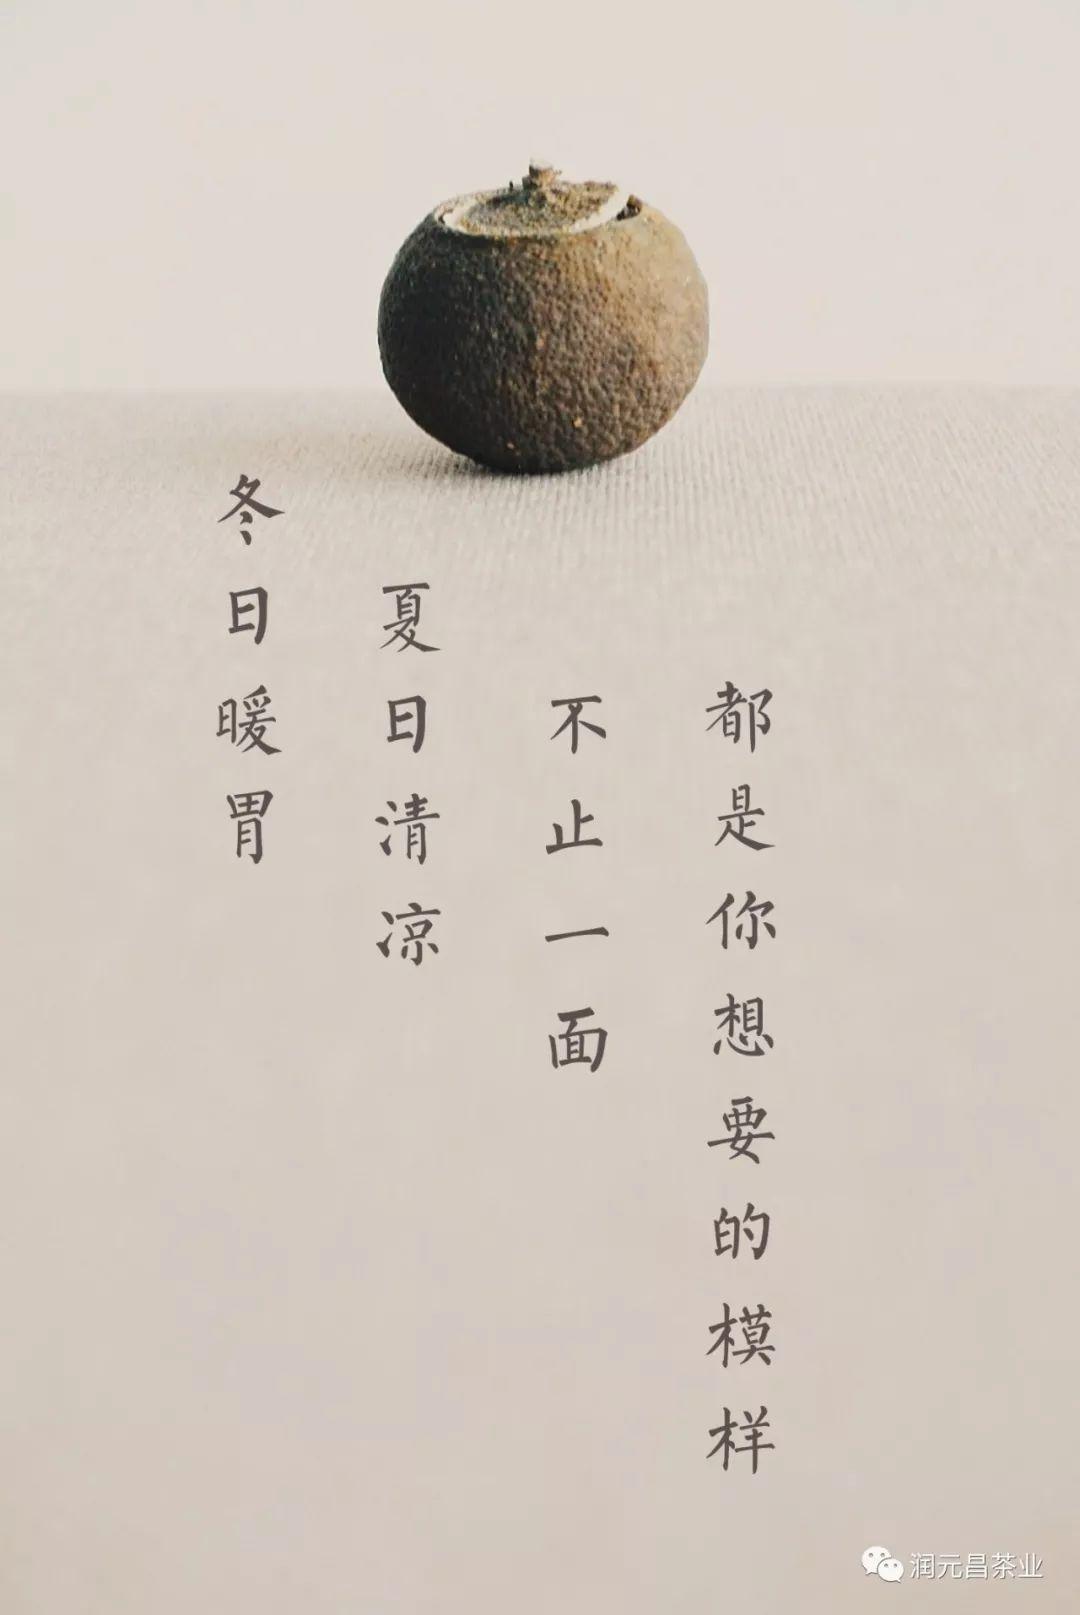 润元昌柑普茶创意海报-10